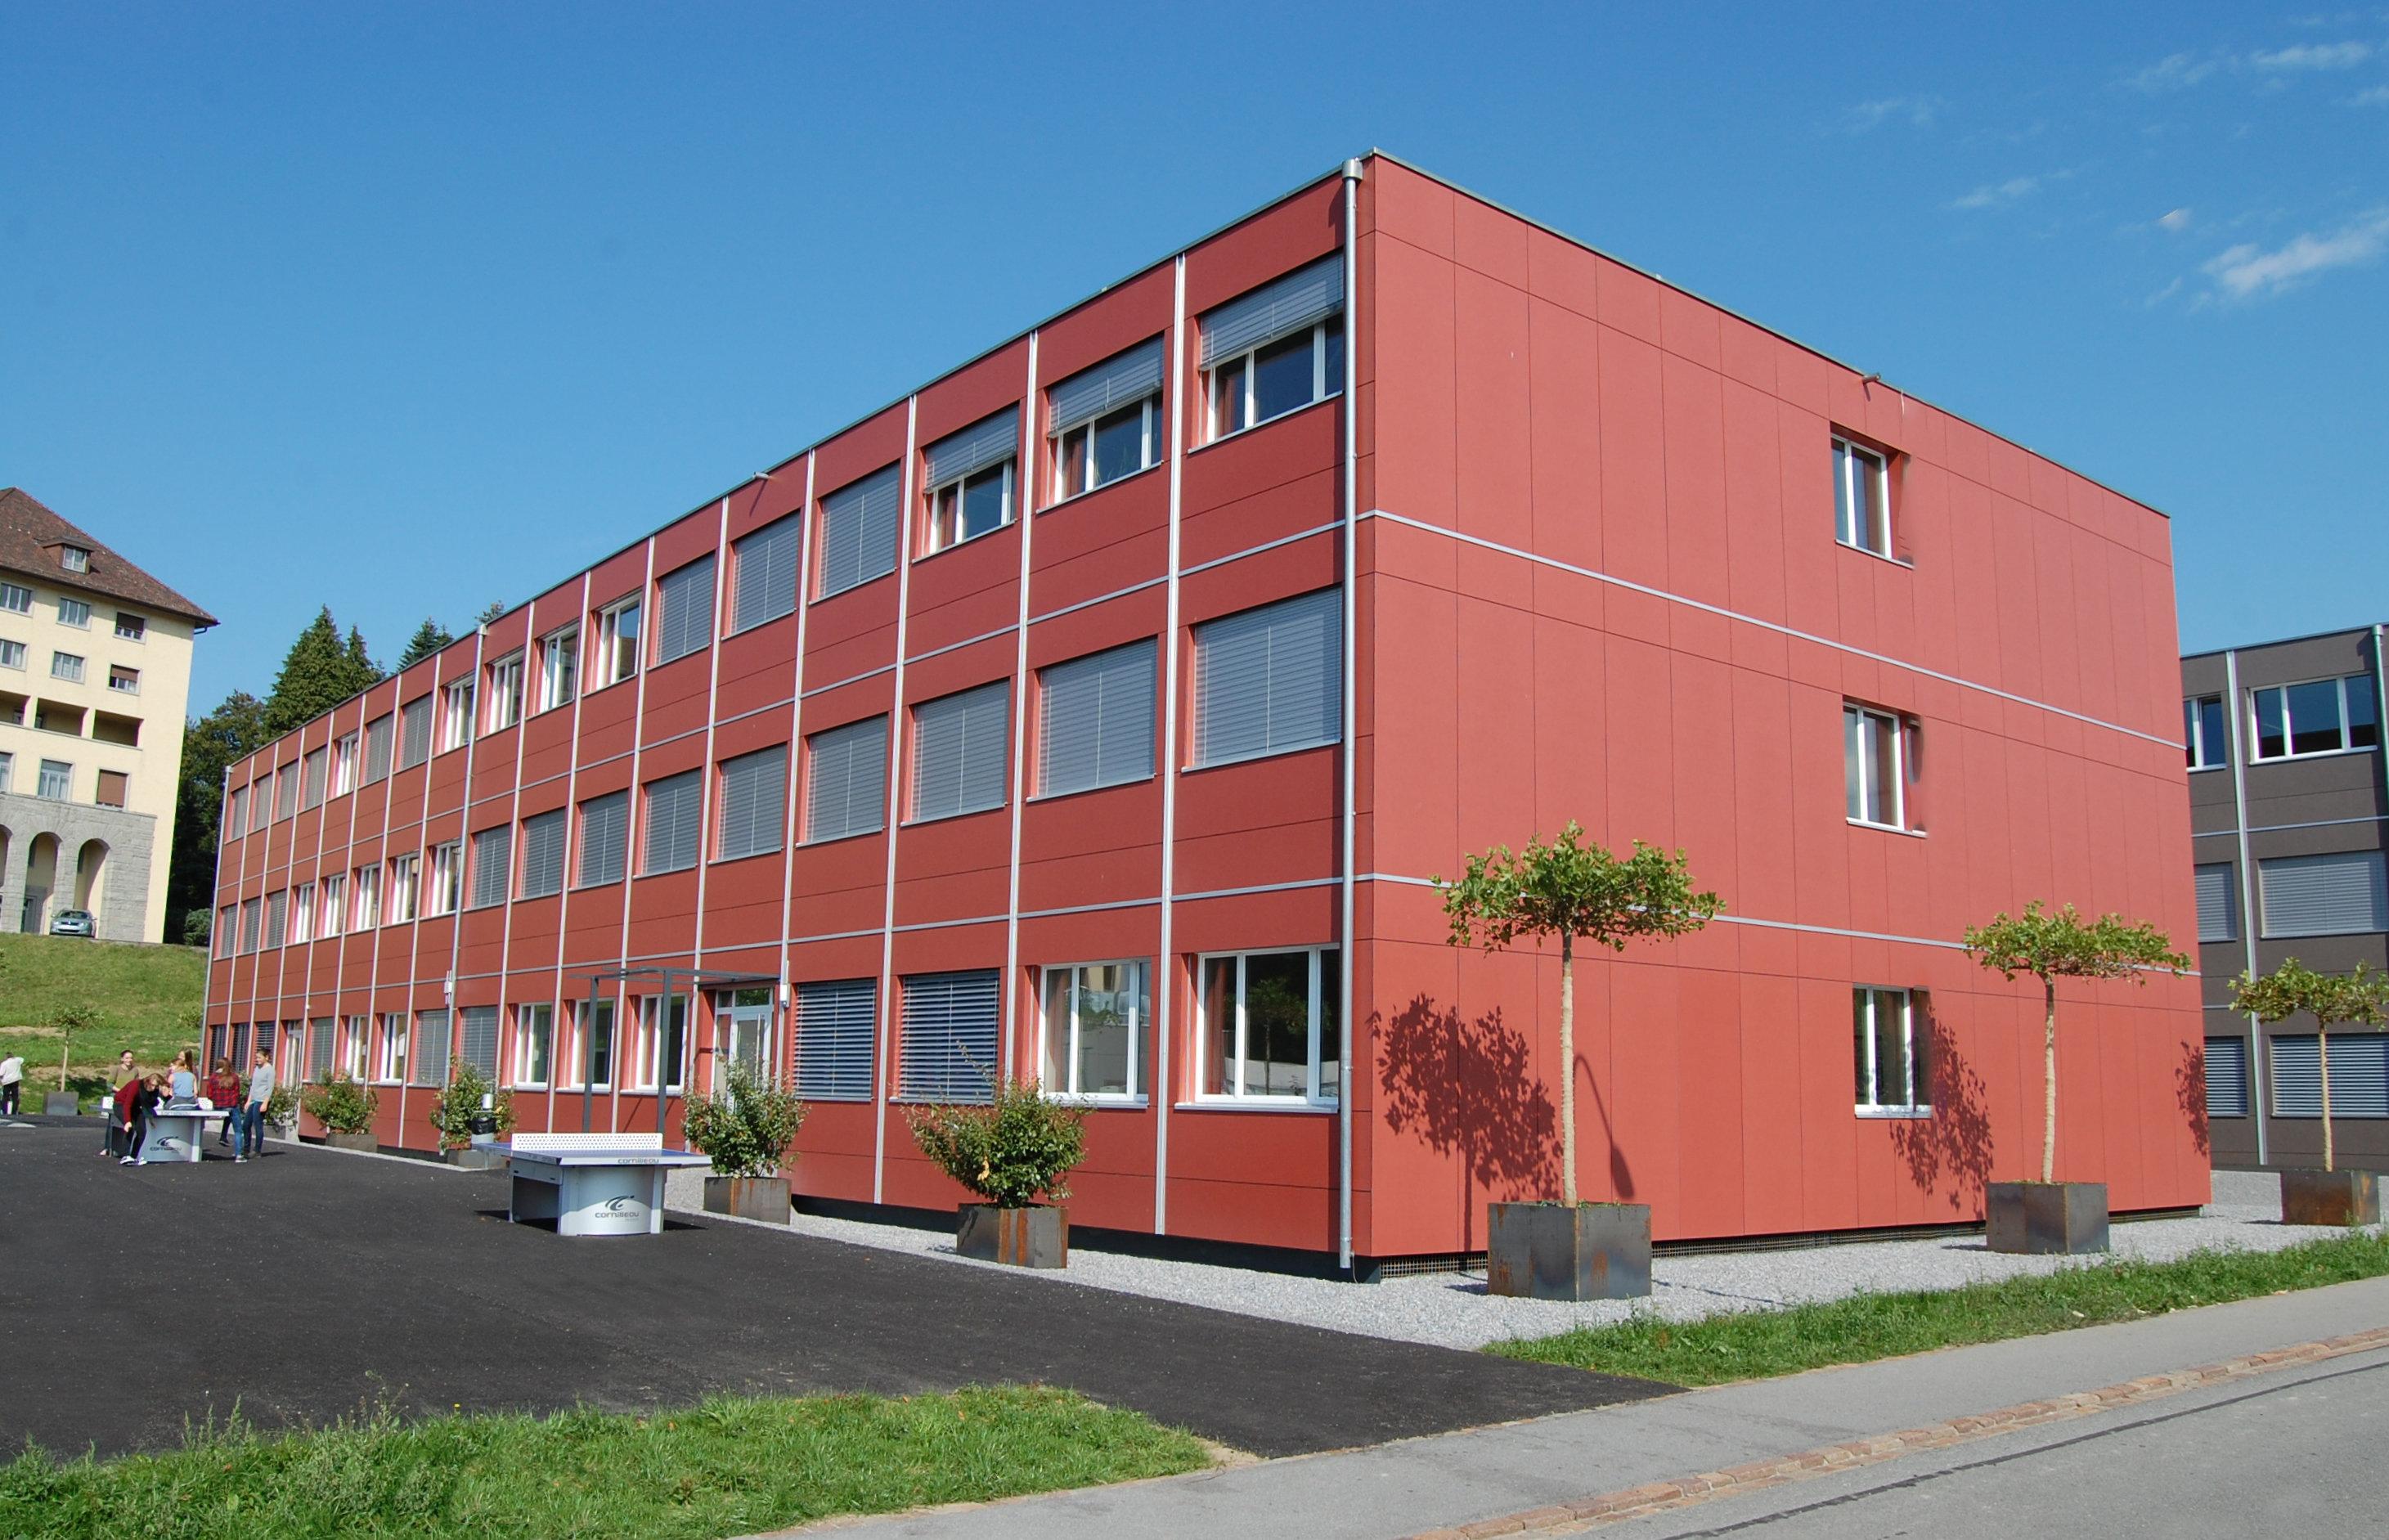 3-geschossiges Schulgebäude gleichmässige Fensteranordnung + Anzahl